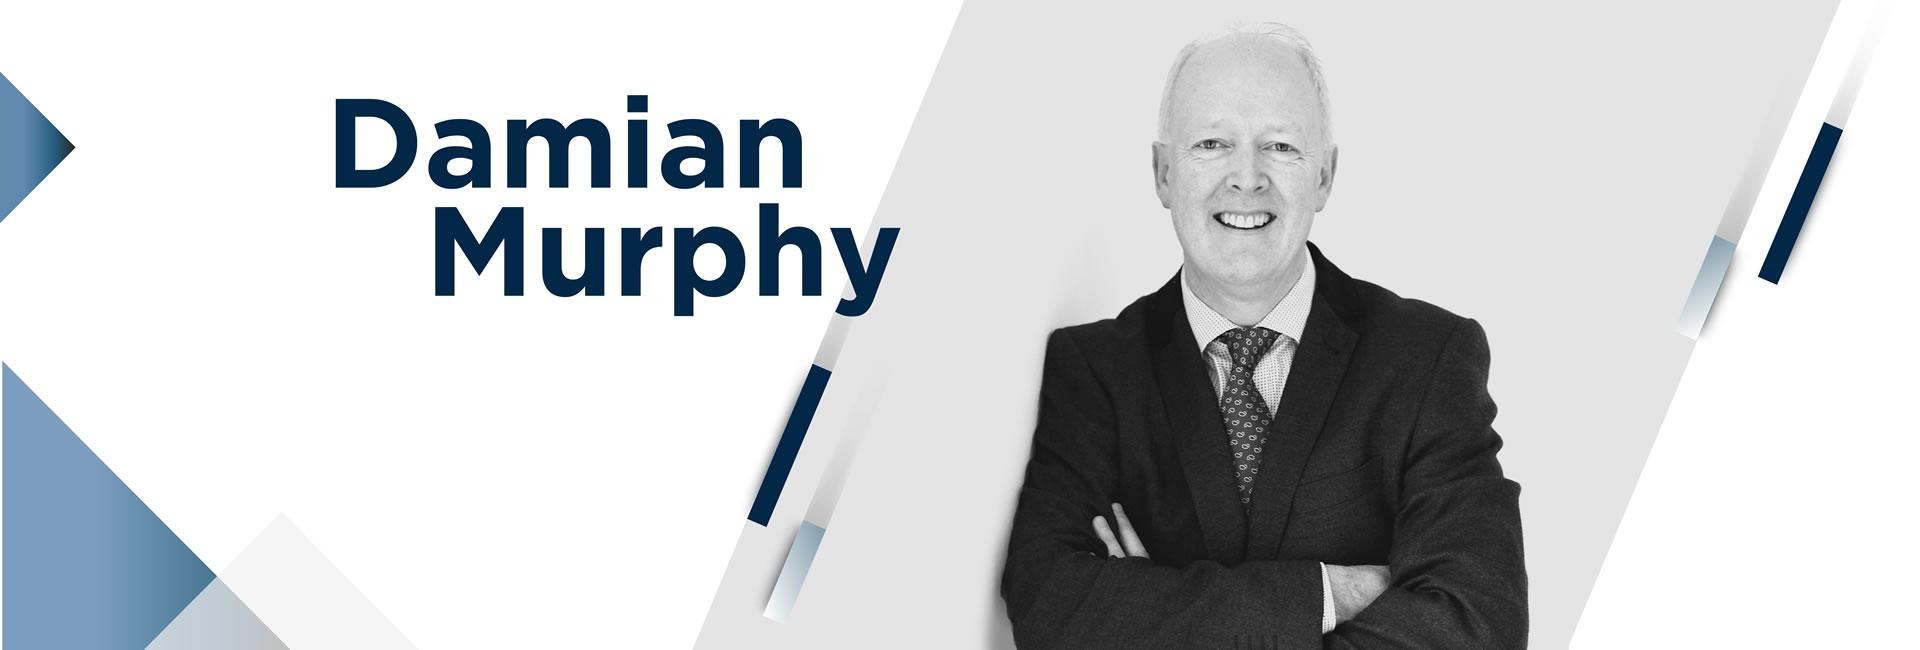 Damian Murphy Lean Six Sigma